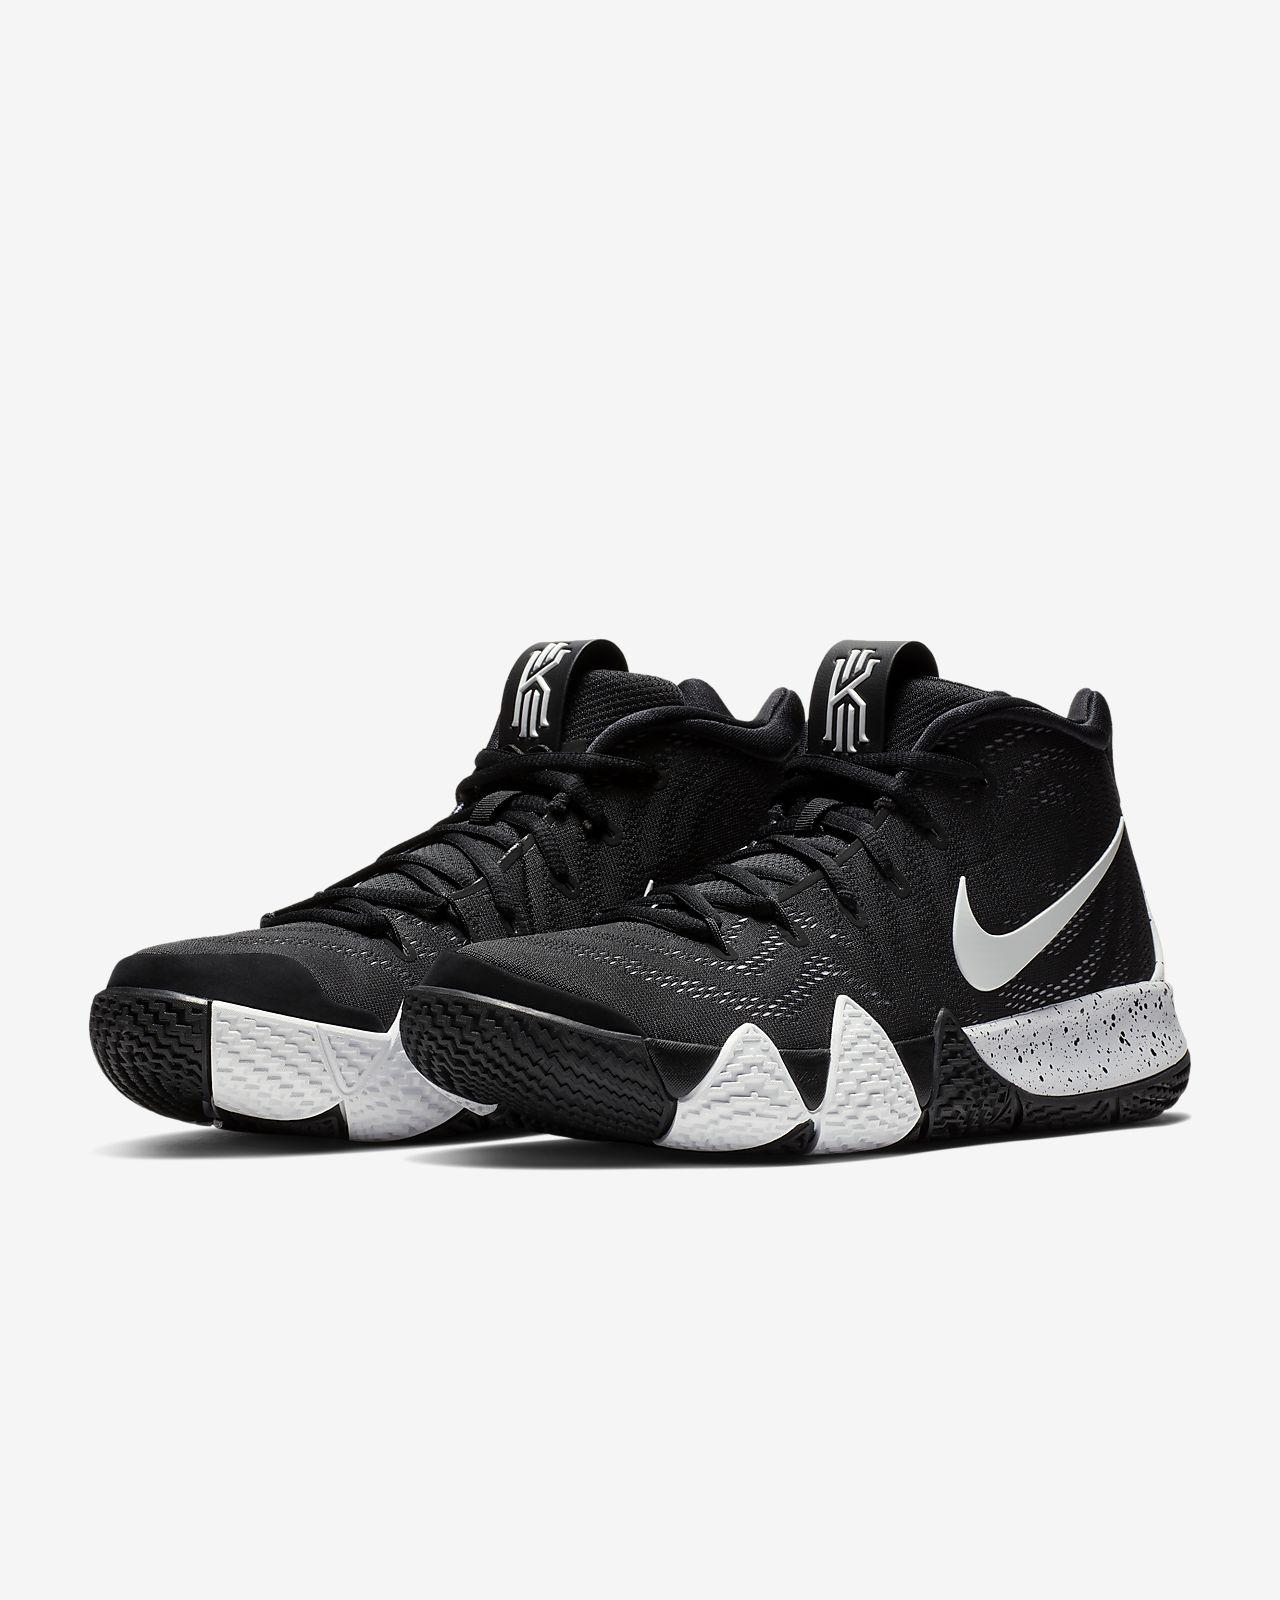 01b11d73be2 Kyrie 4 (Team) Basketball Shoe. Nike.com ID